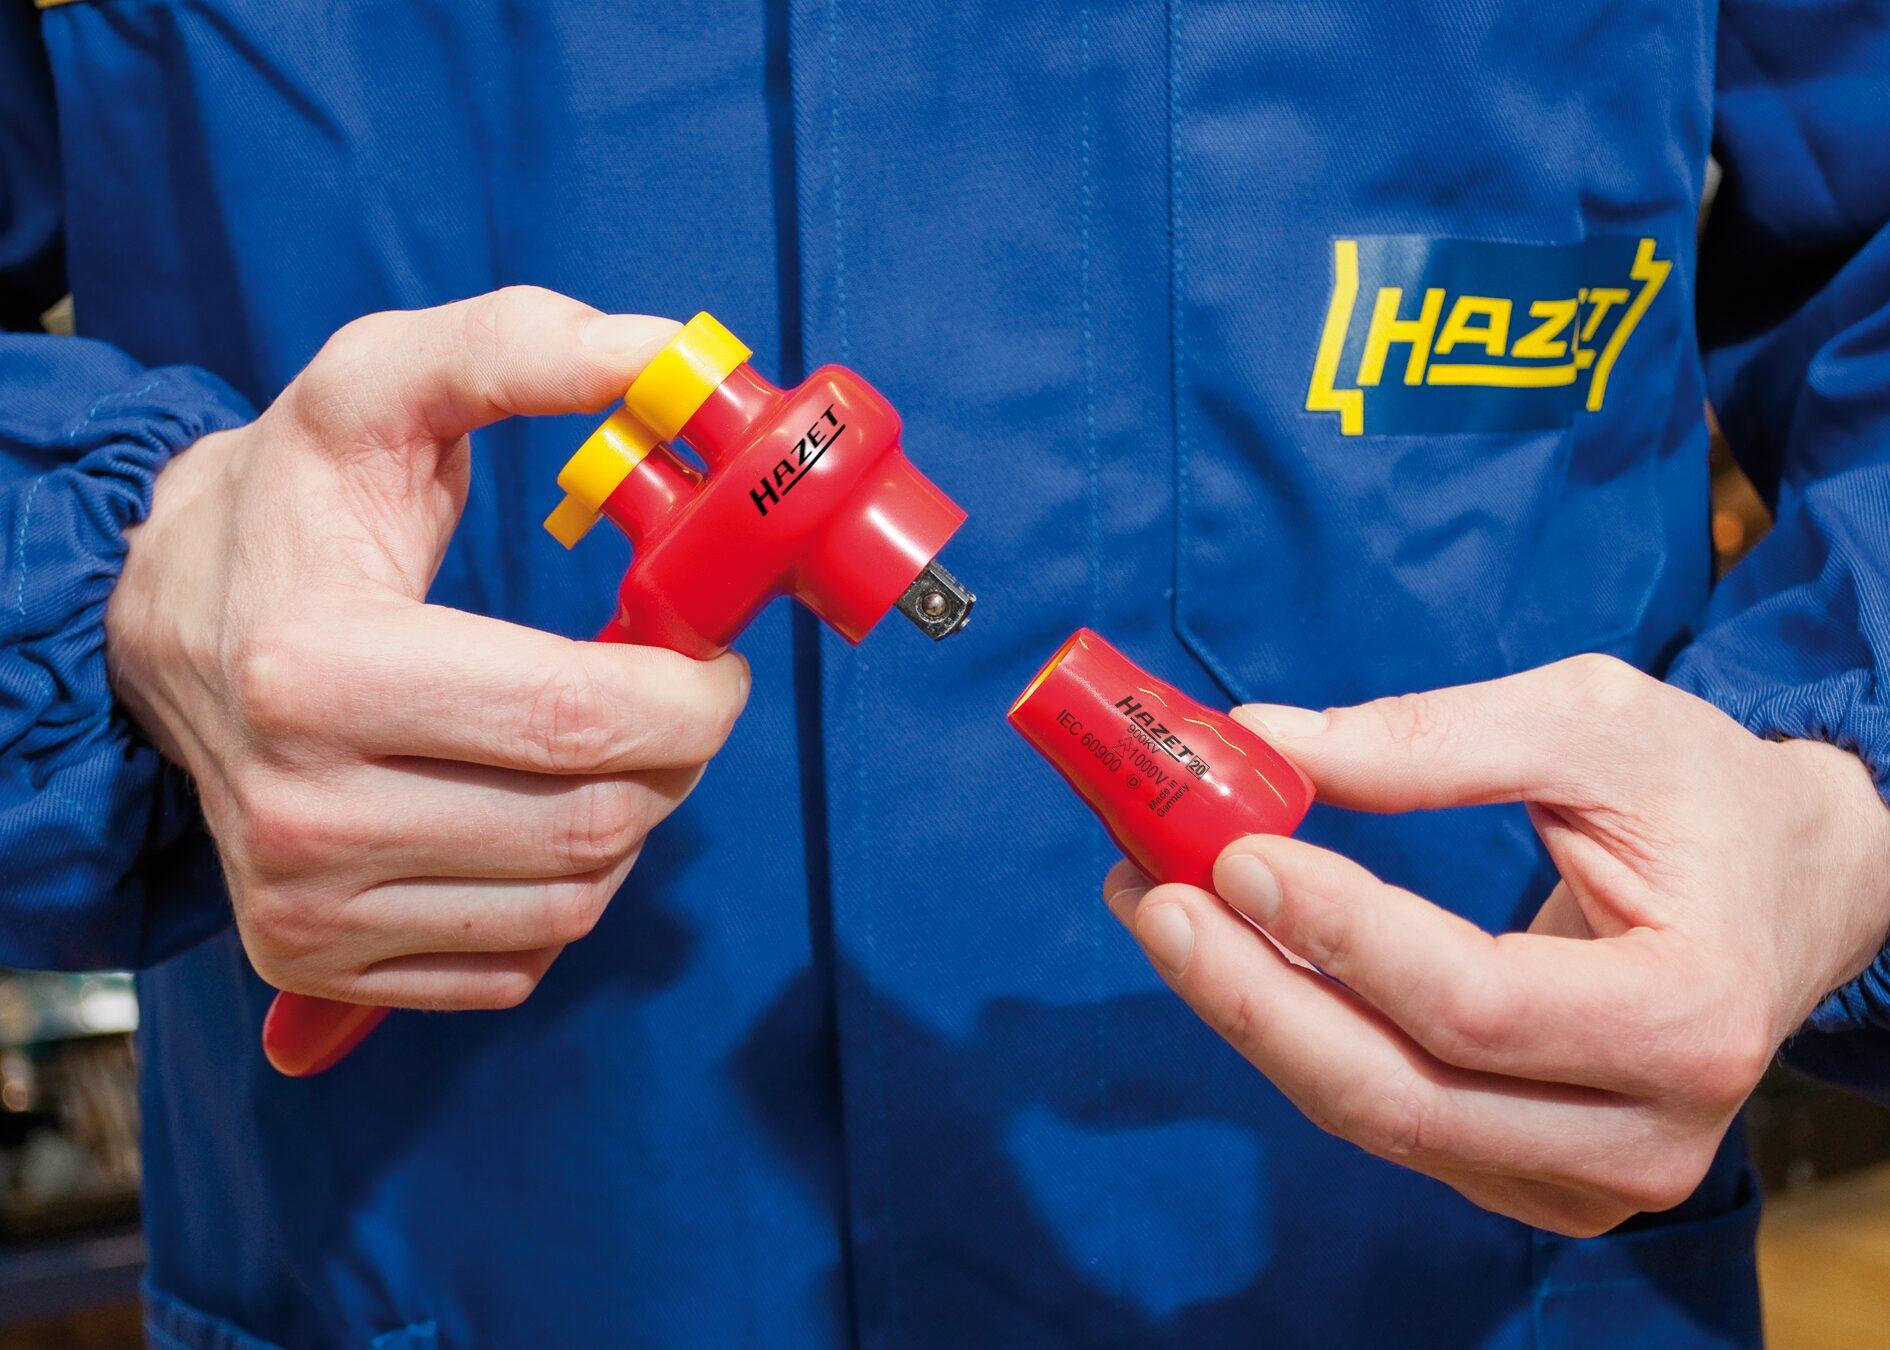 HAZET Steckschlüsseleinsatz ∙ Sechskant 880KV-22 ∙ Vierkant hohl 10 mm (3/8 Zoll) ∙ Außen-Sechskant-Tractionsprofil